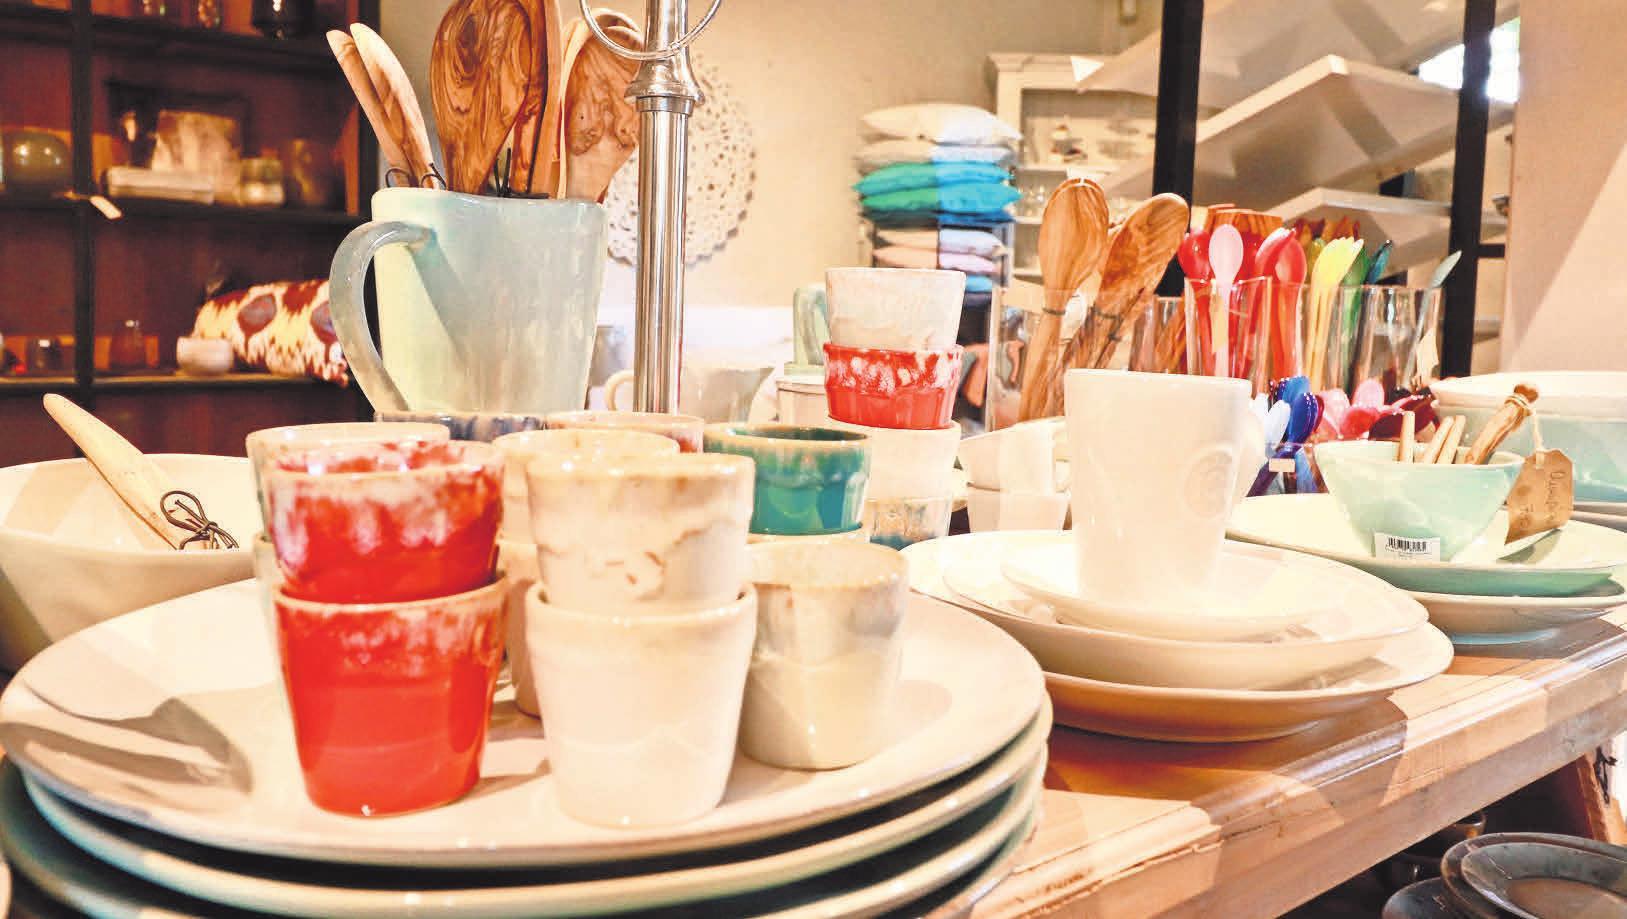 Mit einem schön gedeckten Tisch geht der Tag gut los und klingt gemütlich aus. Die passenden Accessoires von der Vase über das Geschirr bis zu feinem Leinen gibt es bei Home & Garden.